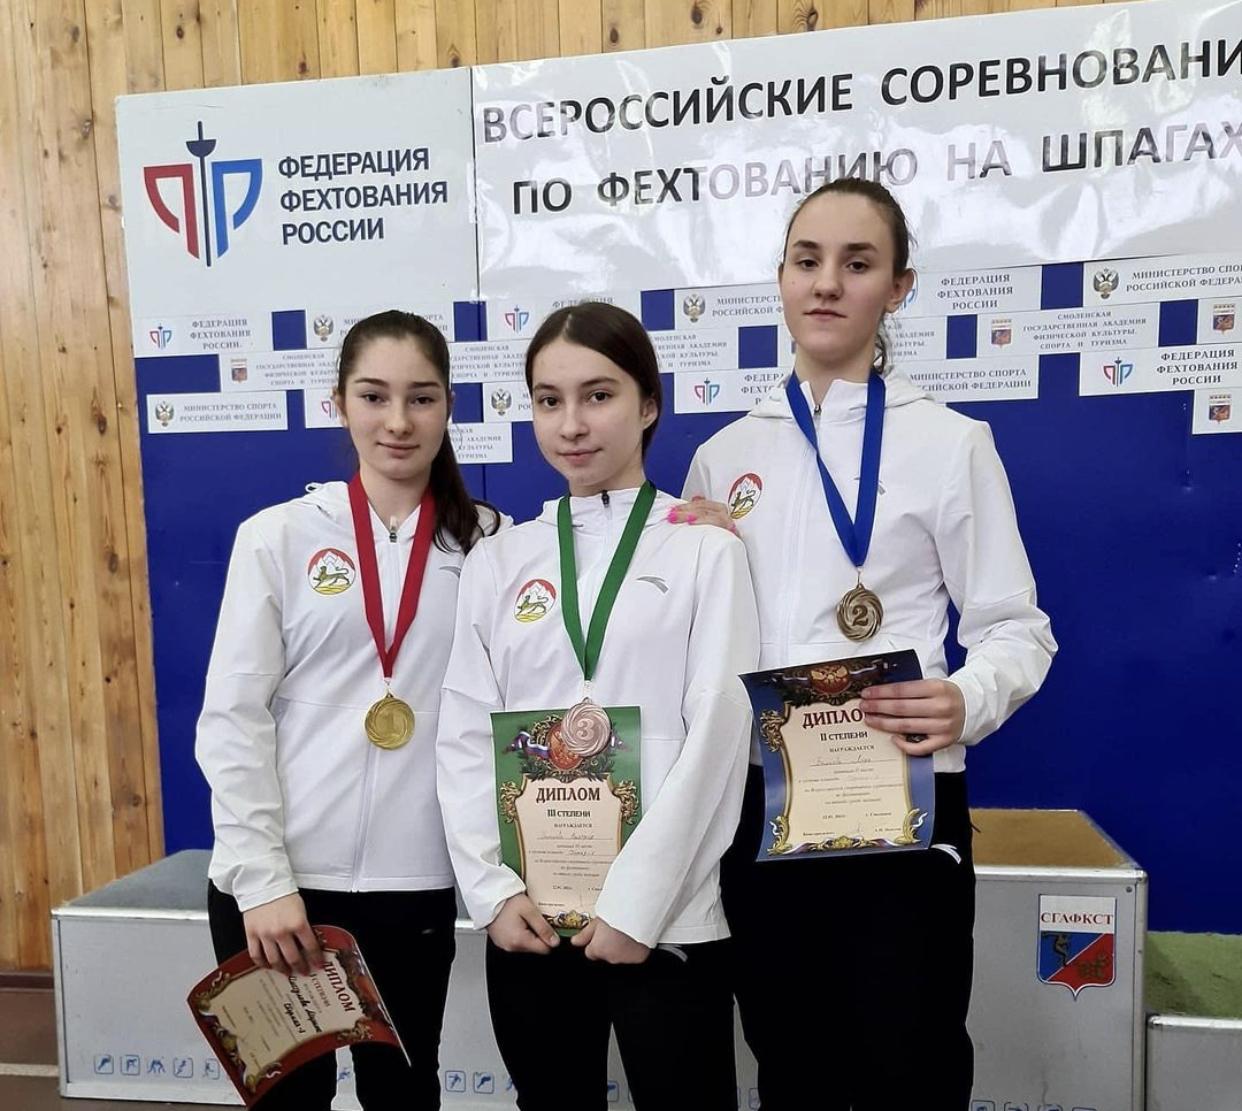 Три медали завоевали осетинские фехтовальщицы на всероссийских соревнованиях